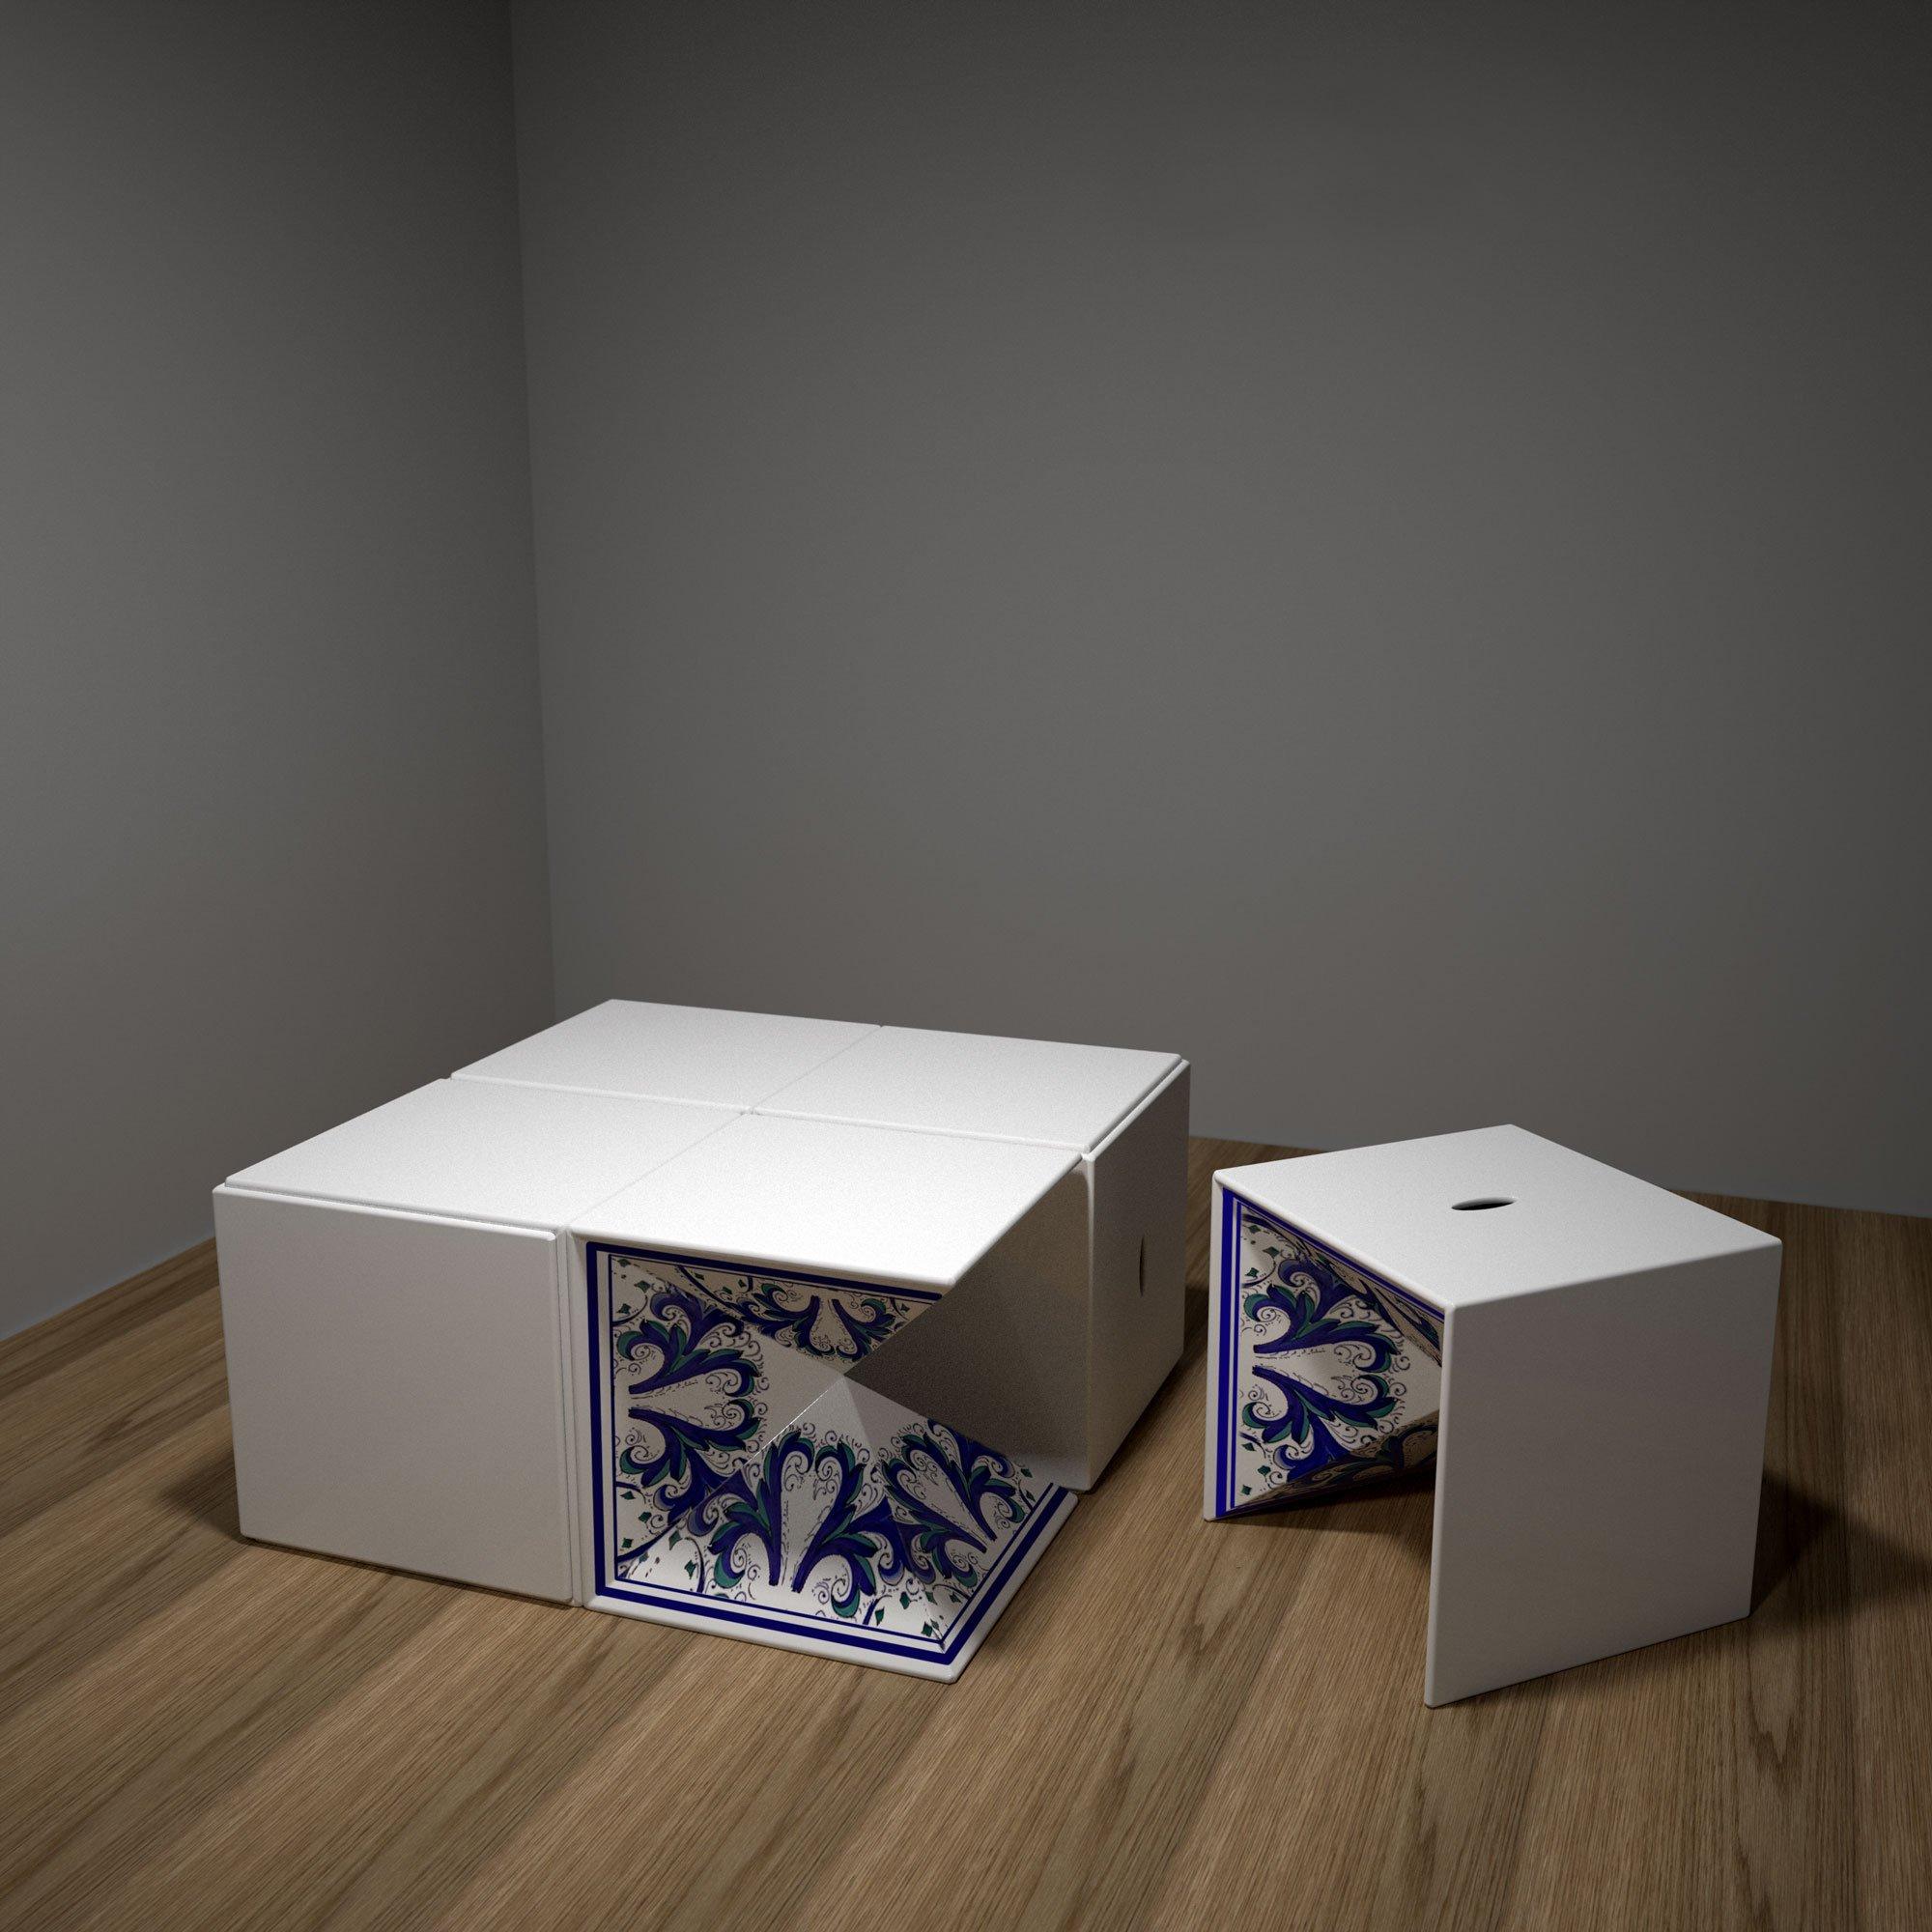 qbico-4+1-ceramic-marcellocannarsa-product-designer